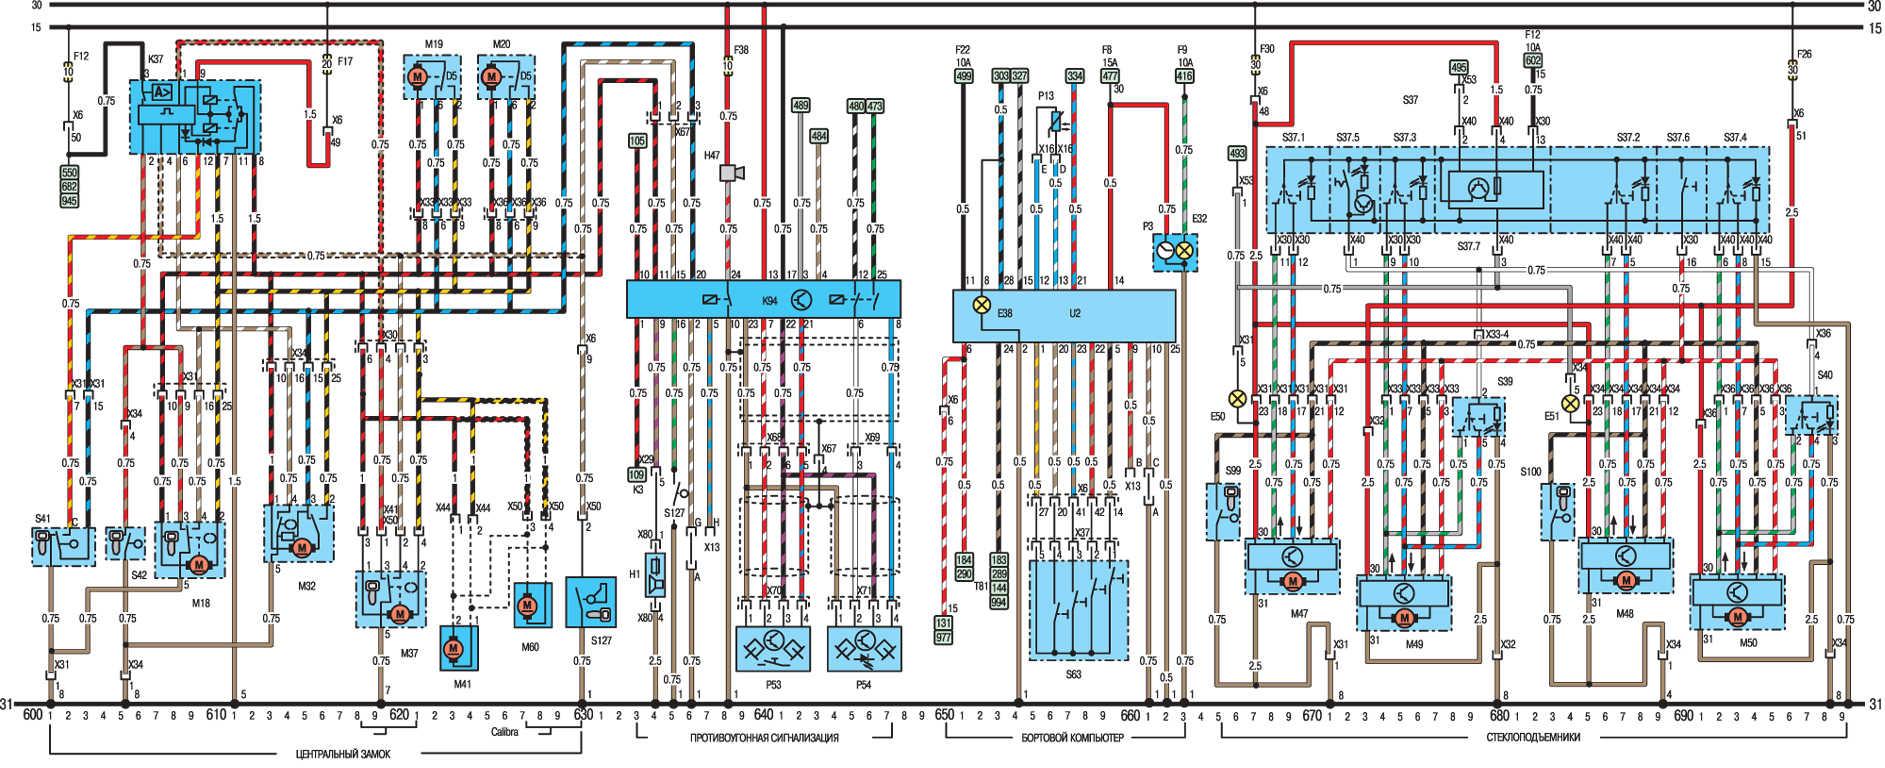 схема электрооборудования автомобиля орель цафира